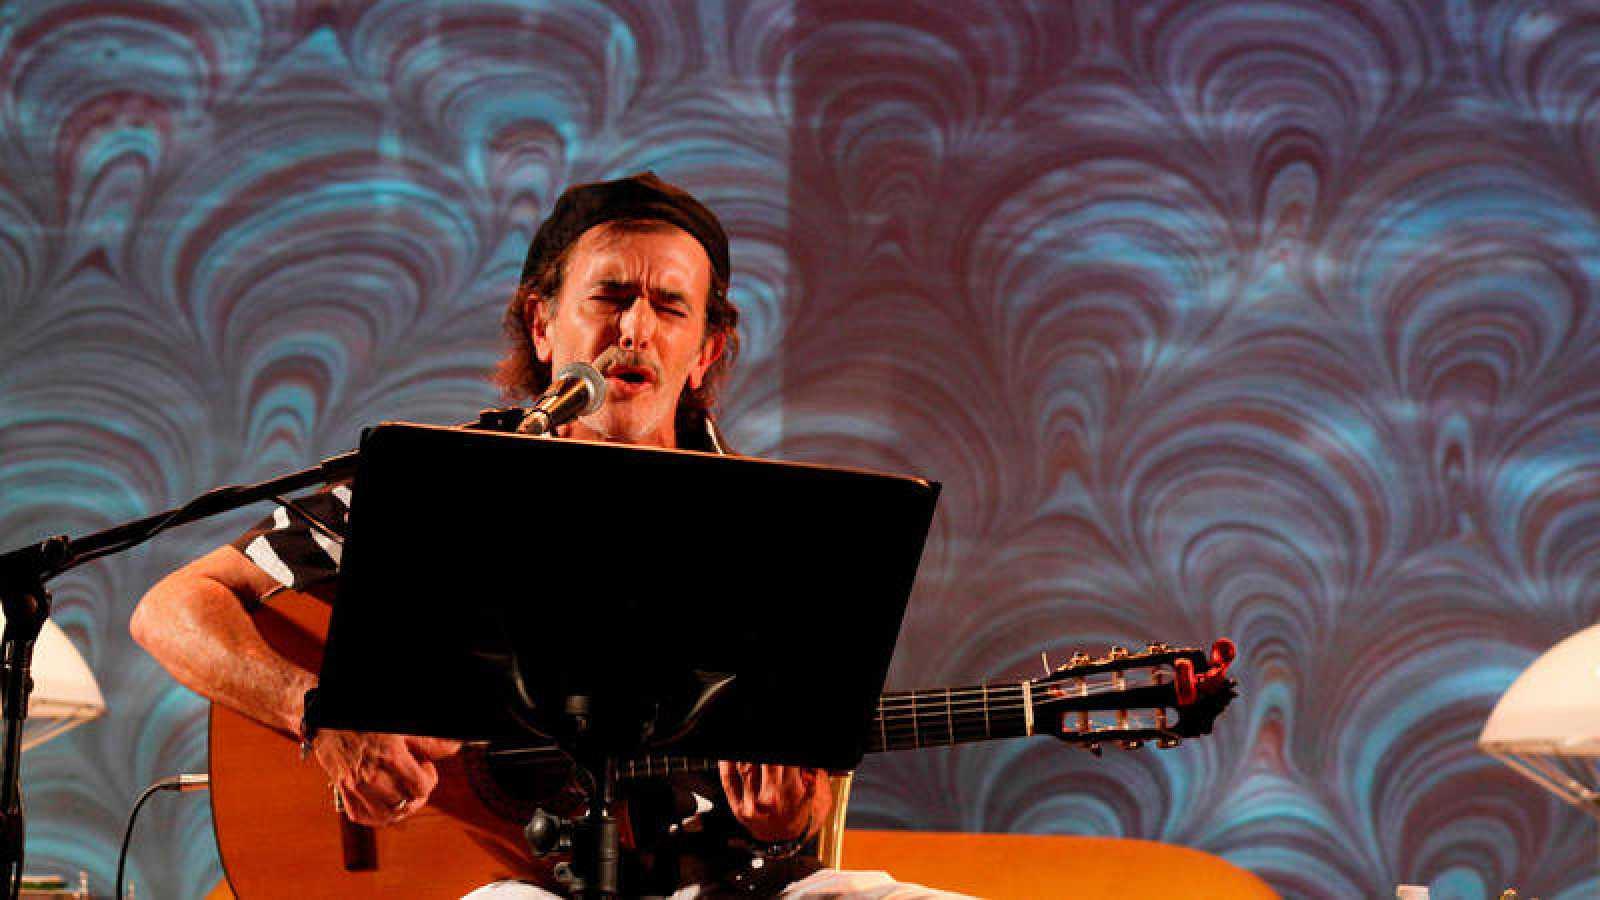 El autor del Carnaval de Cádiz Juan Carlos Aragón durante su participación en el Festival Internacional de Poesía Cosmopoética 2018 en Córdoba